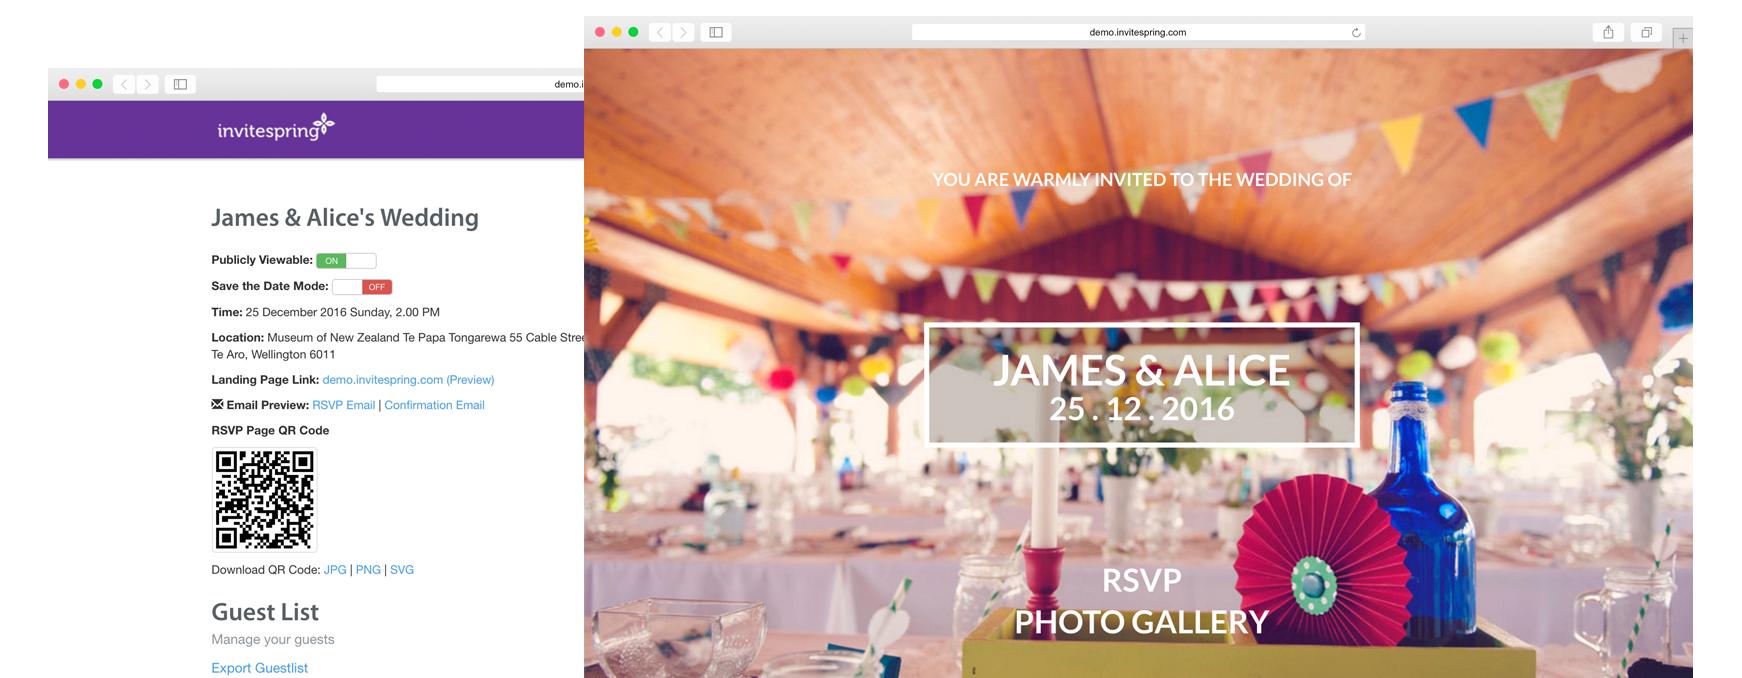 Wedding Rsvp Website.Online Invitation And Guest Rsvp Website For Your Wedding